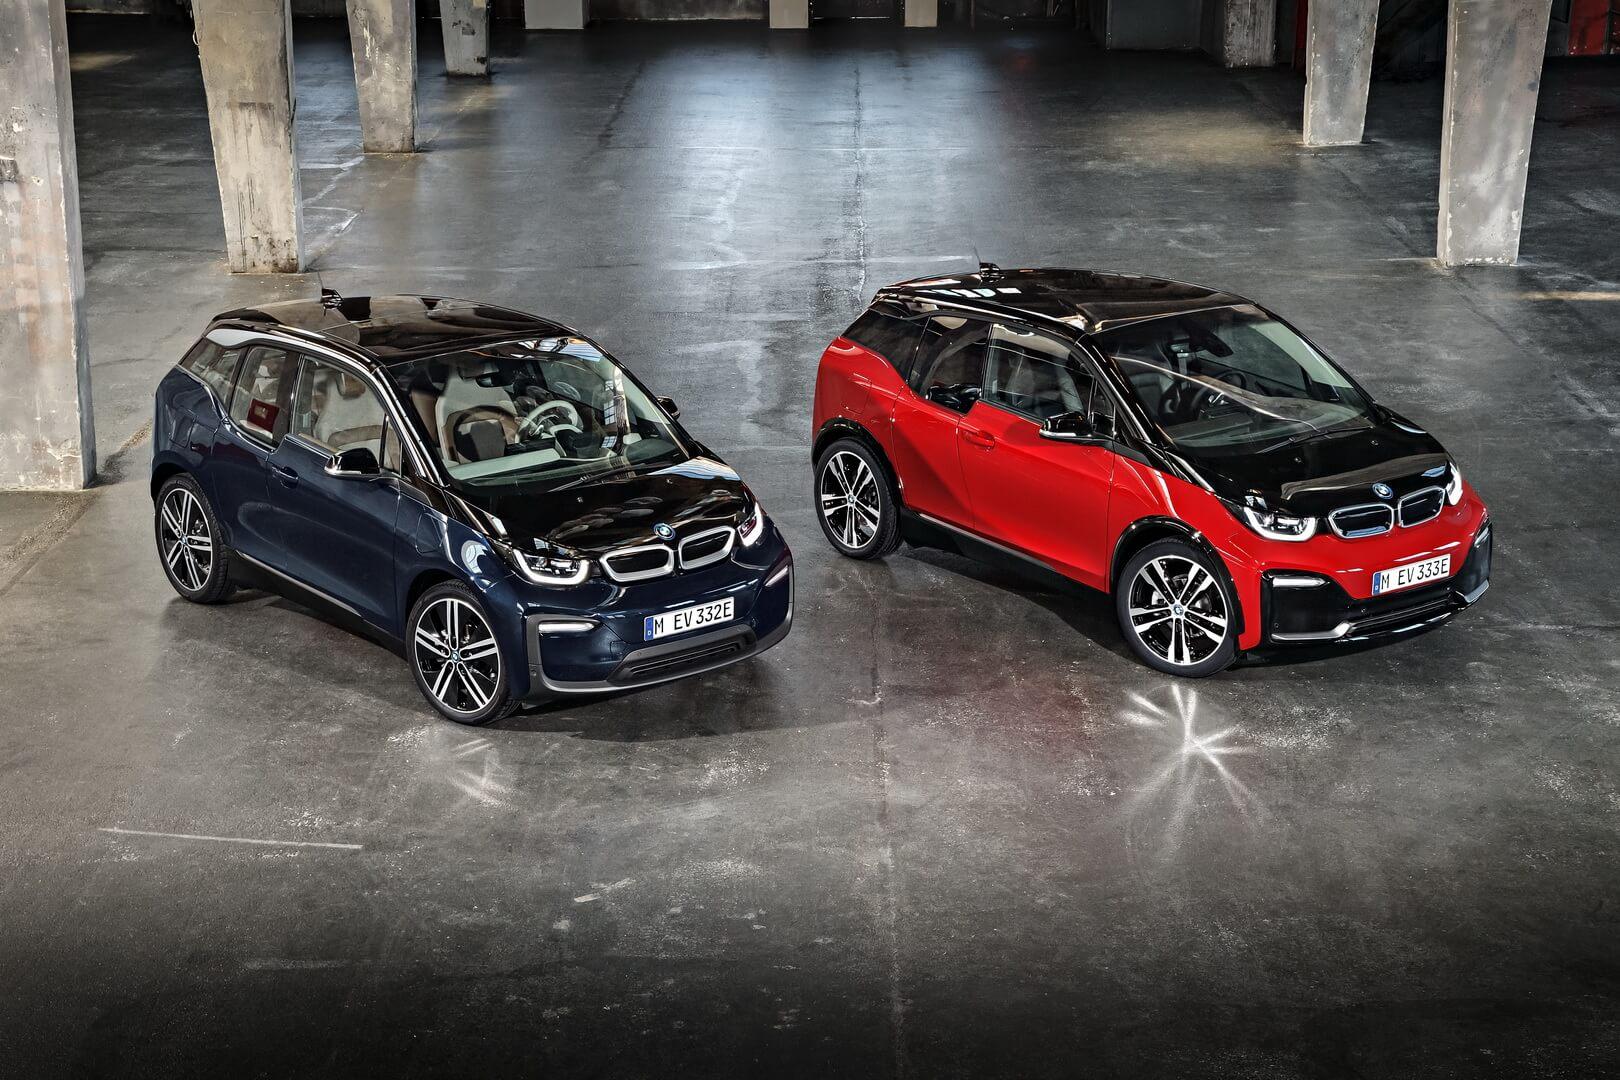 Текущие версии BMW i3иi3s 2018 модельного года